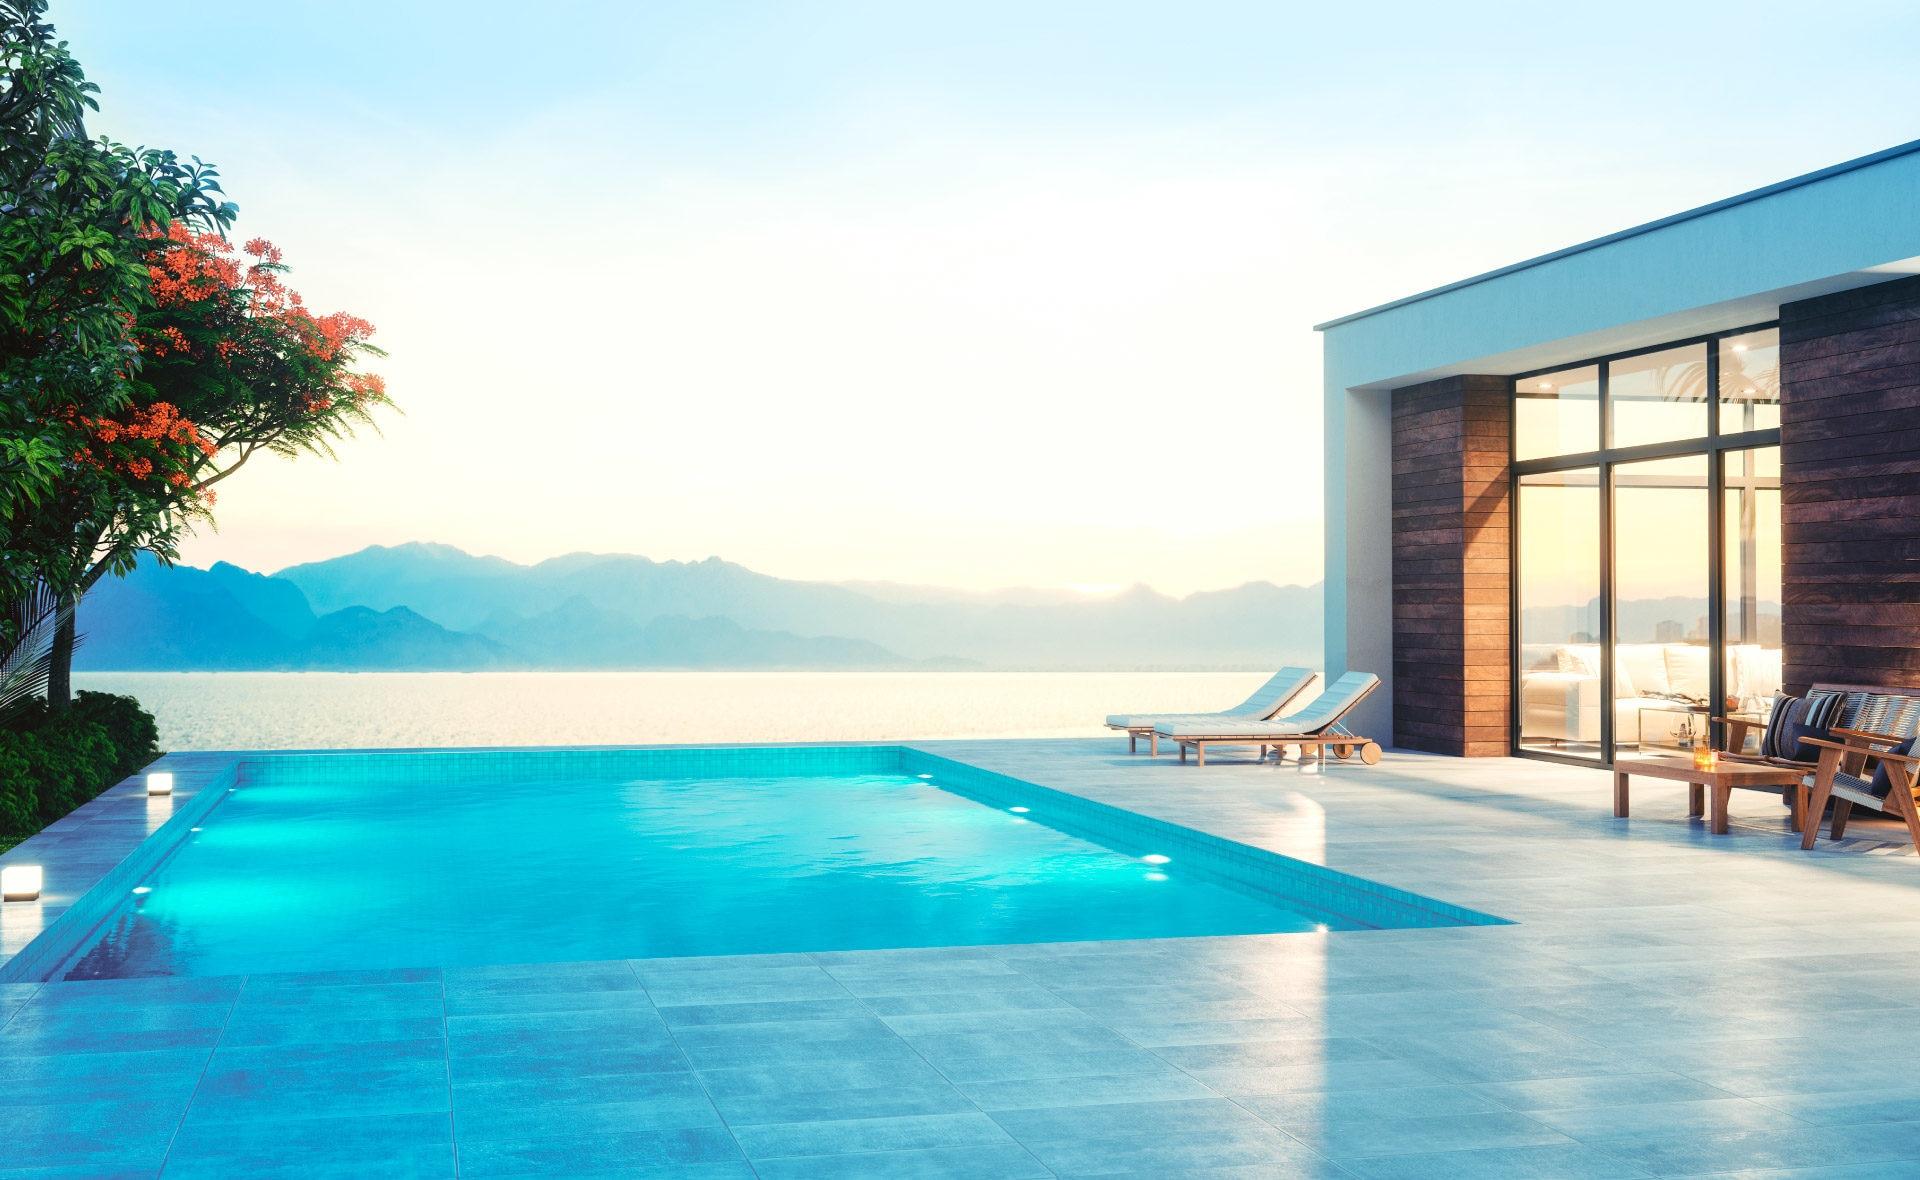 Fotografía de hotel, playa, verano, Ibiza, paisaje, terraza